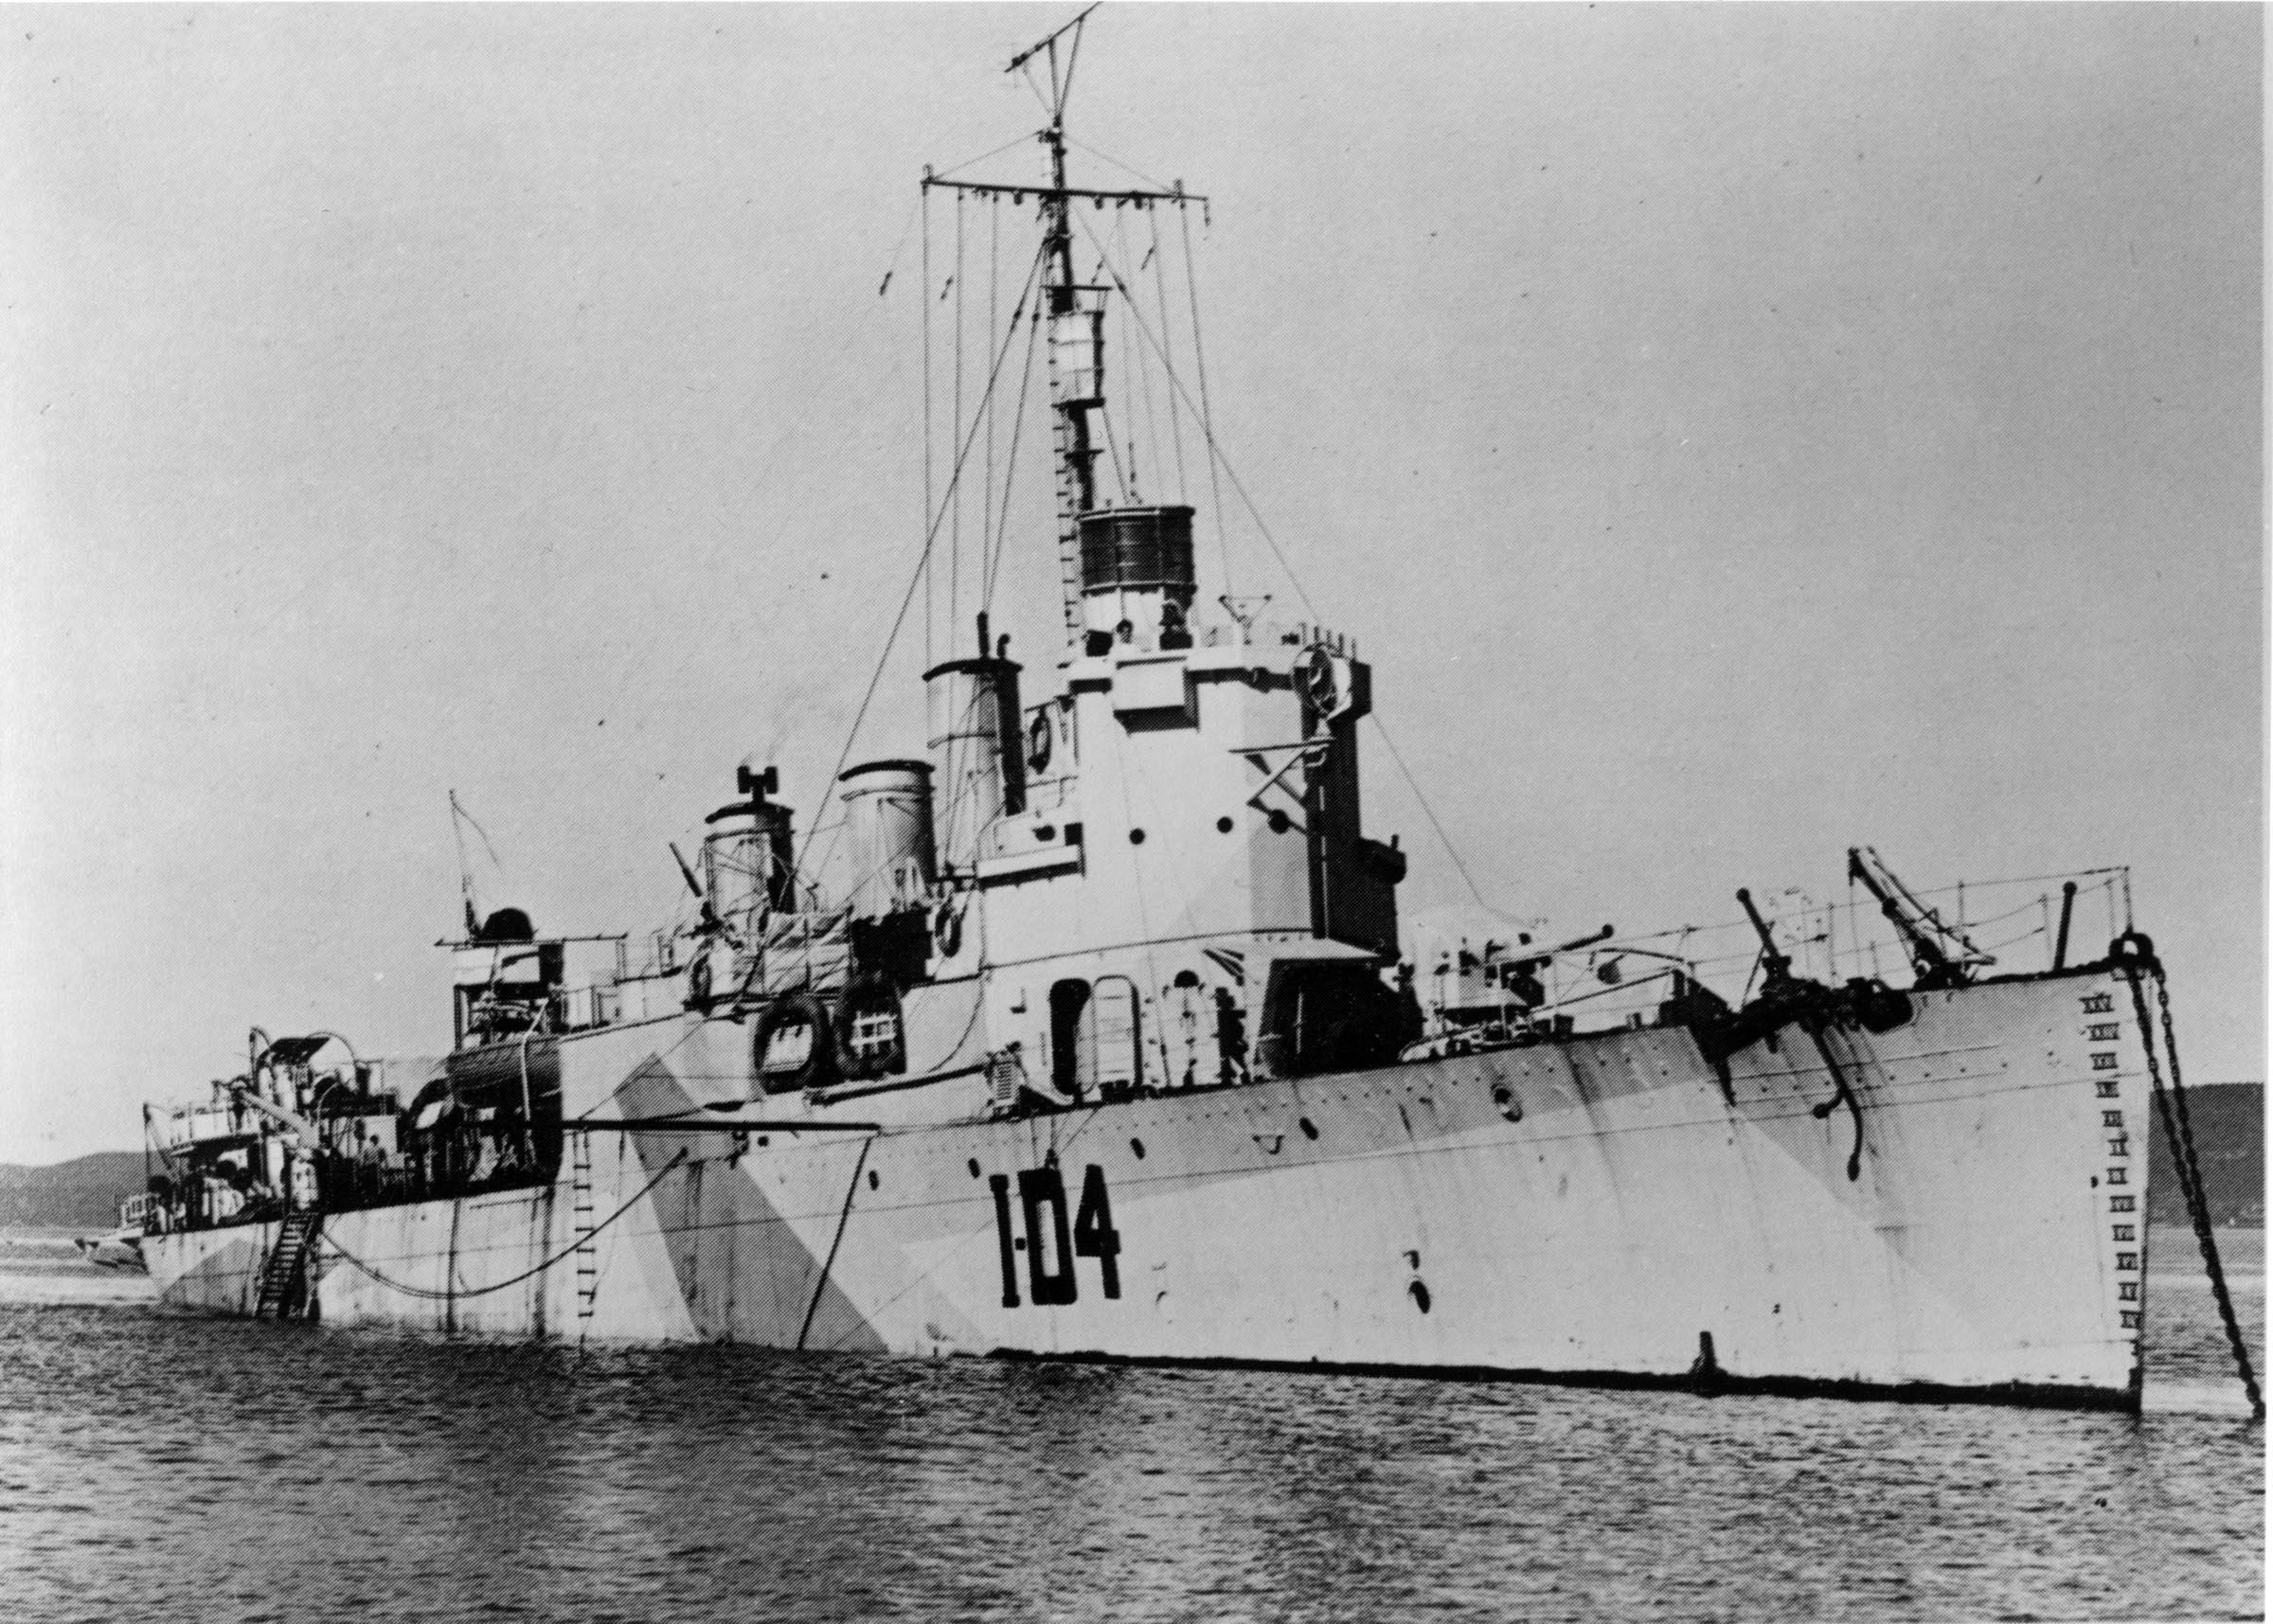 HMCS ANNAPOLIS (1st)